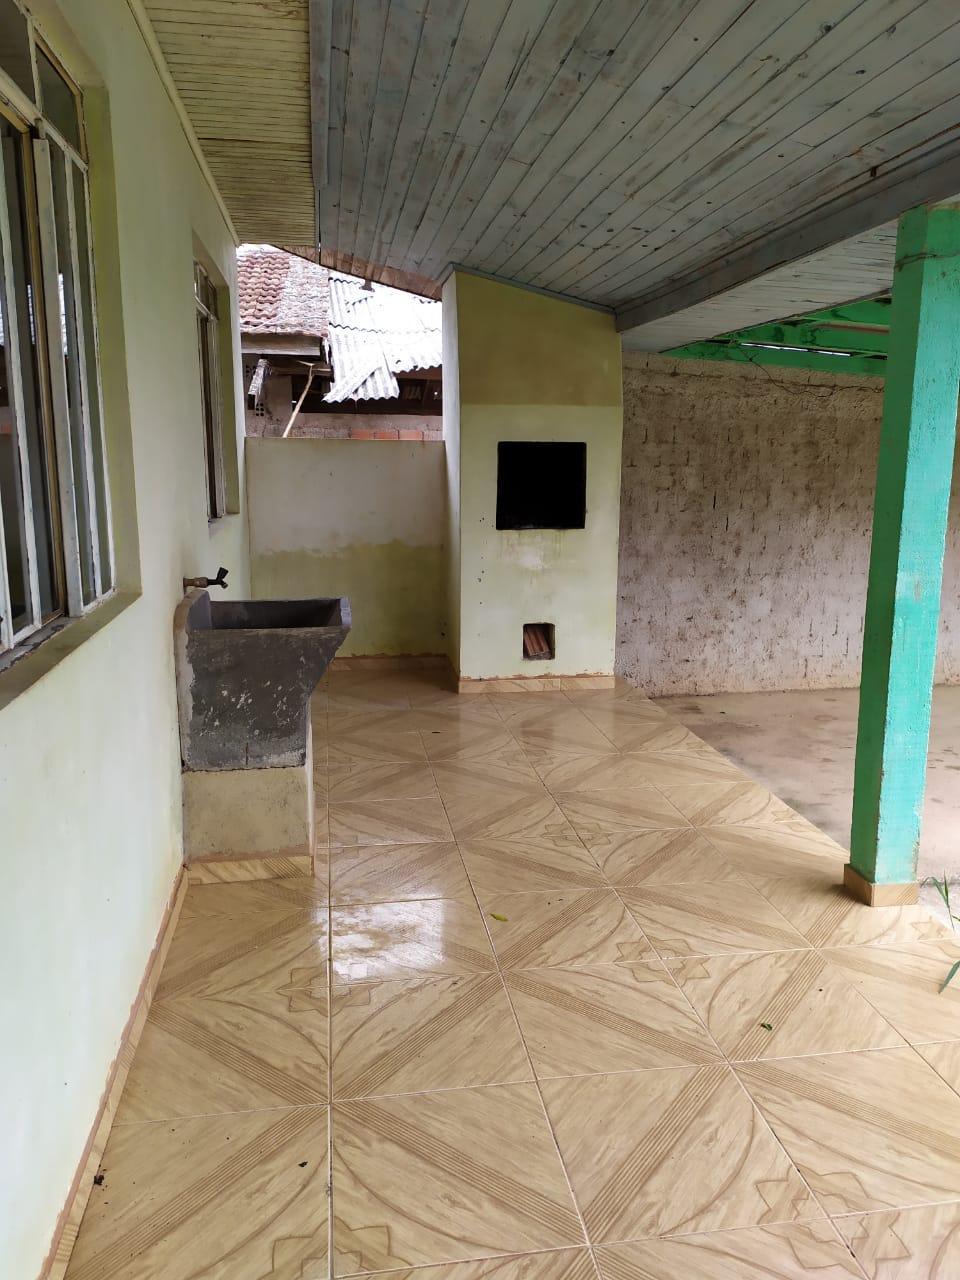 Aluga-se residência em alvenaria com 02 quartos